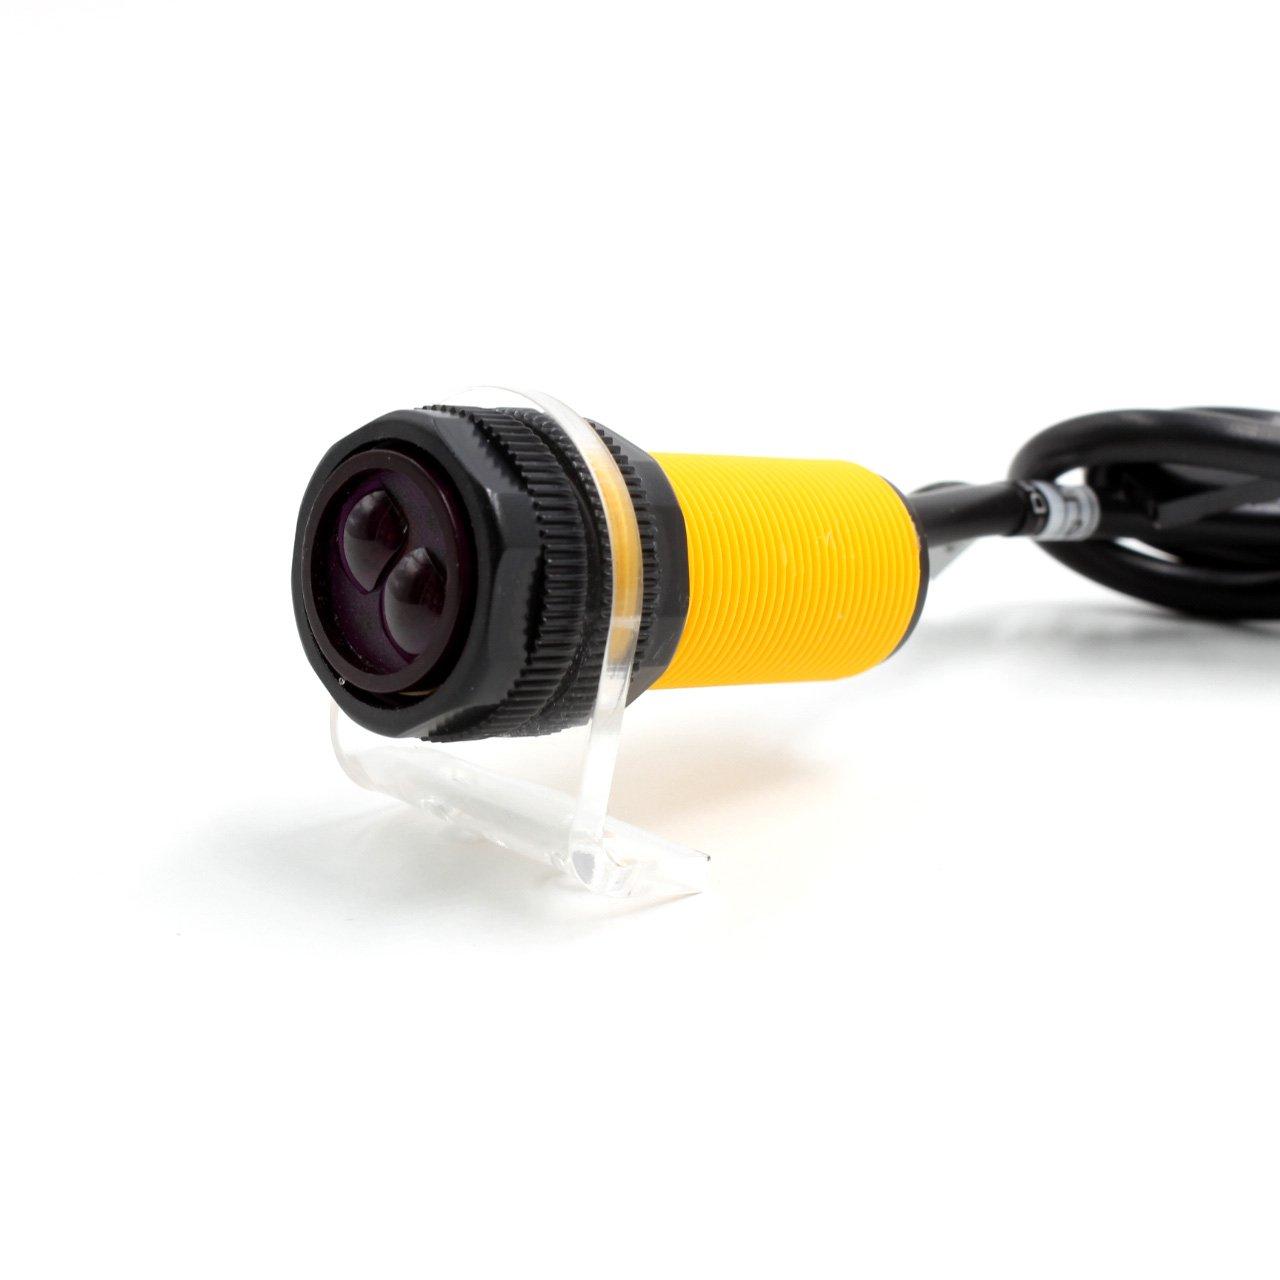 Smart Car//Robot Sensore di evitamento ostacoli a infrarossi 3-80 cm//Kit staffa interruttore fotoelettrico regolabile LDTR-WG0077 Scheda di sviluppo